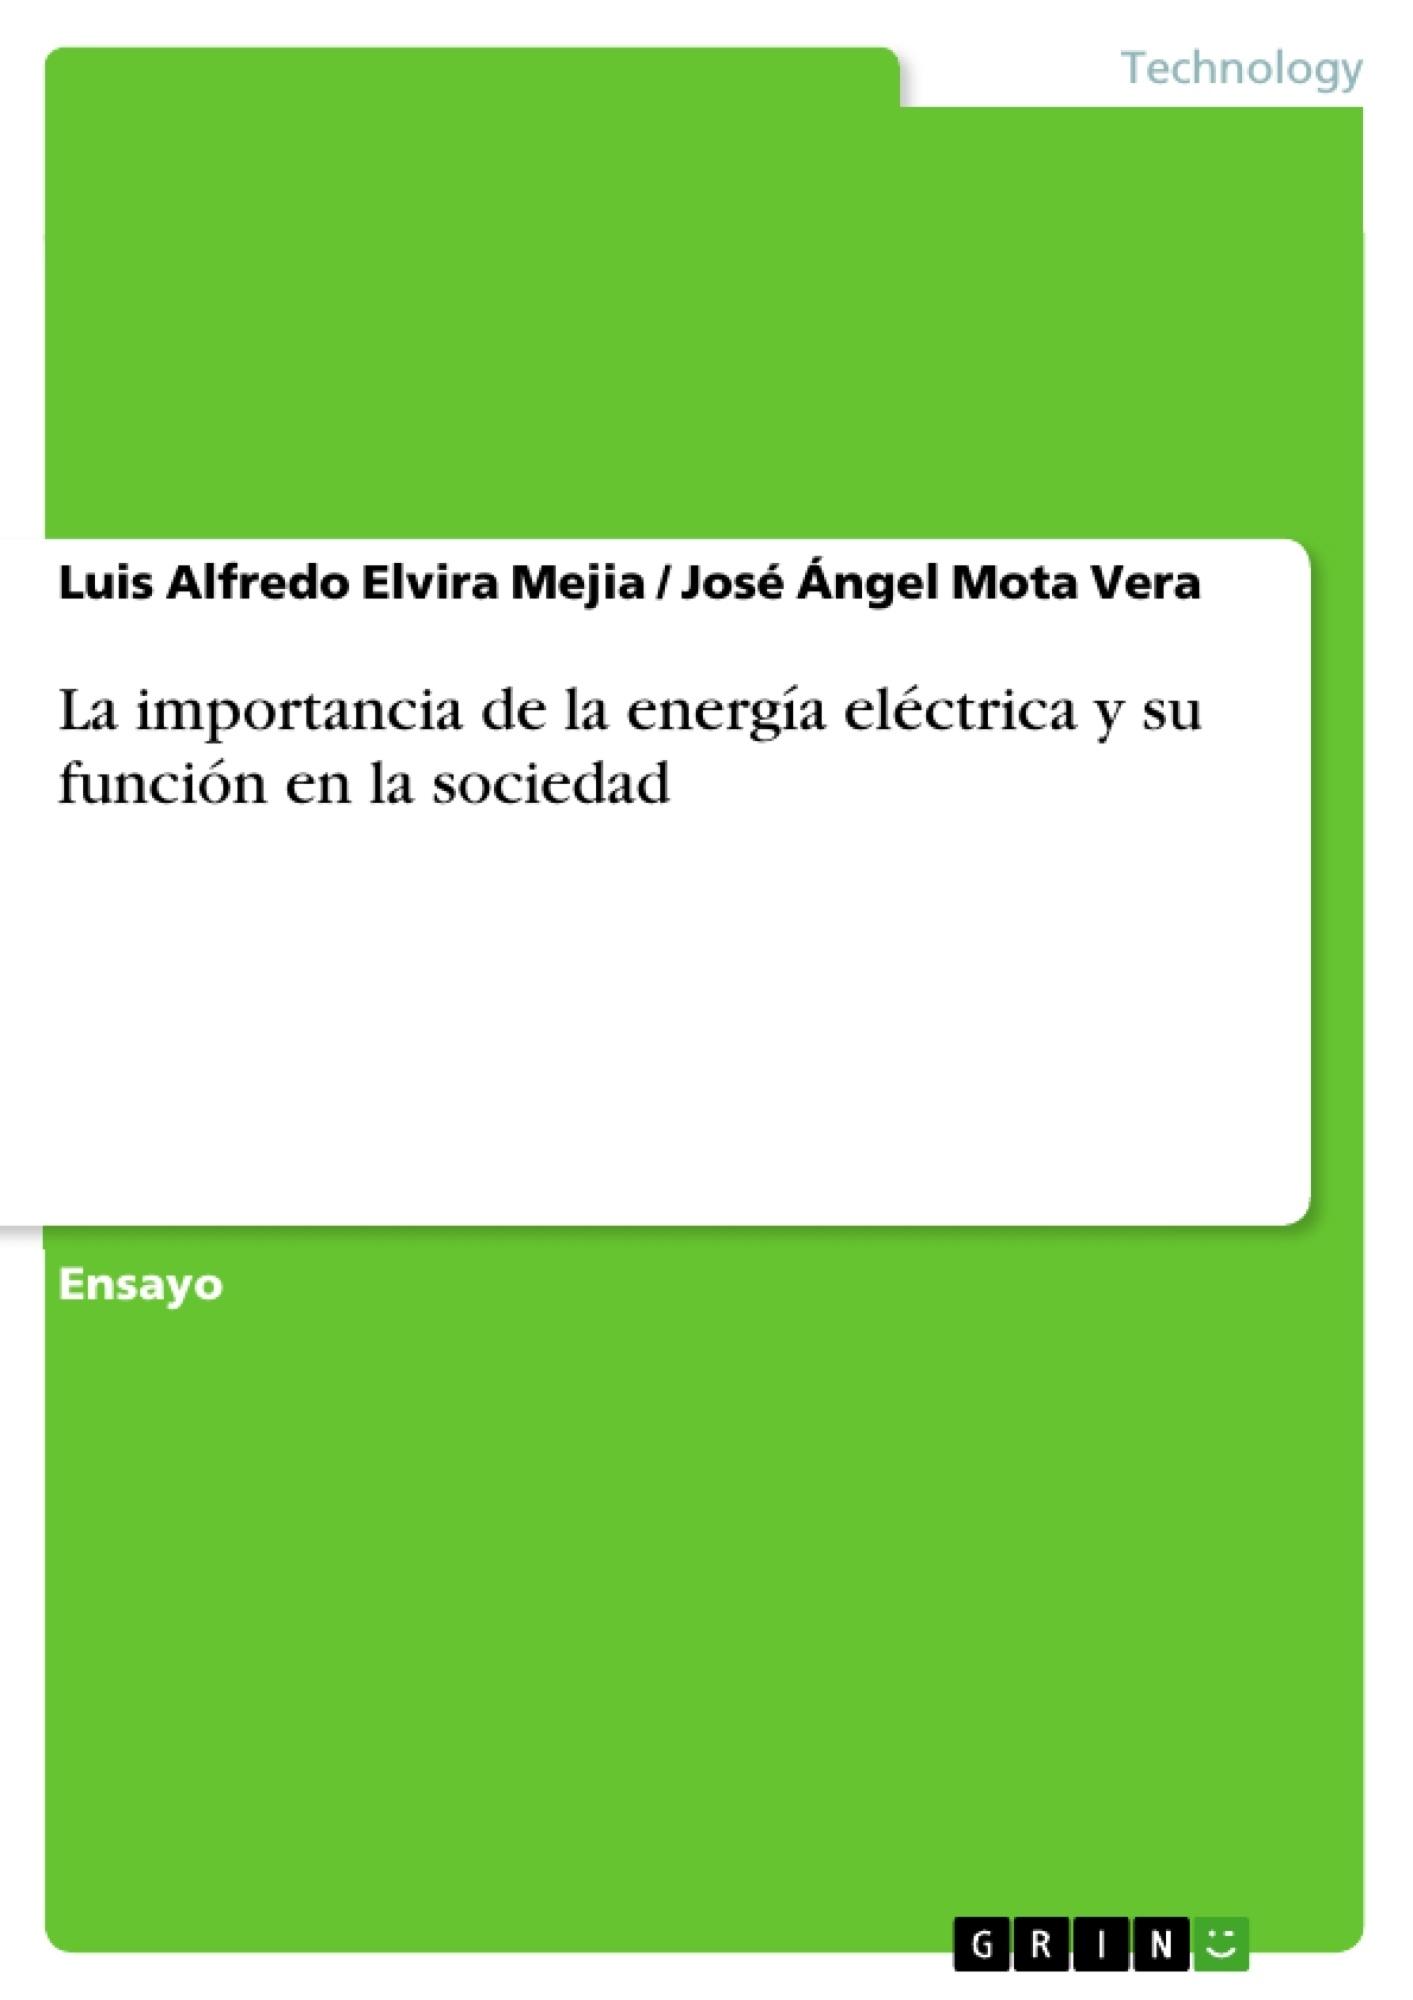 Título: La importancia de la energía eléctrica y su función en la sociedad